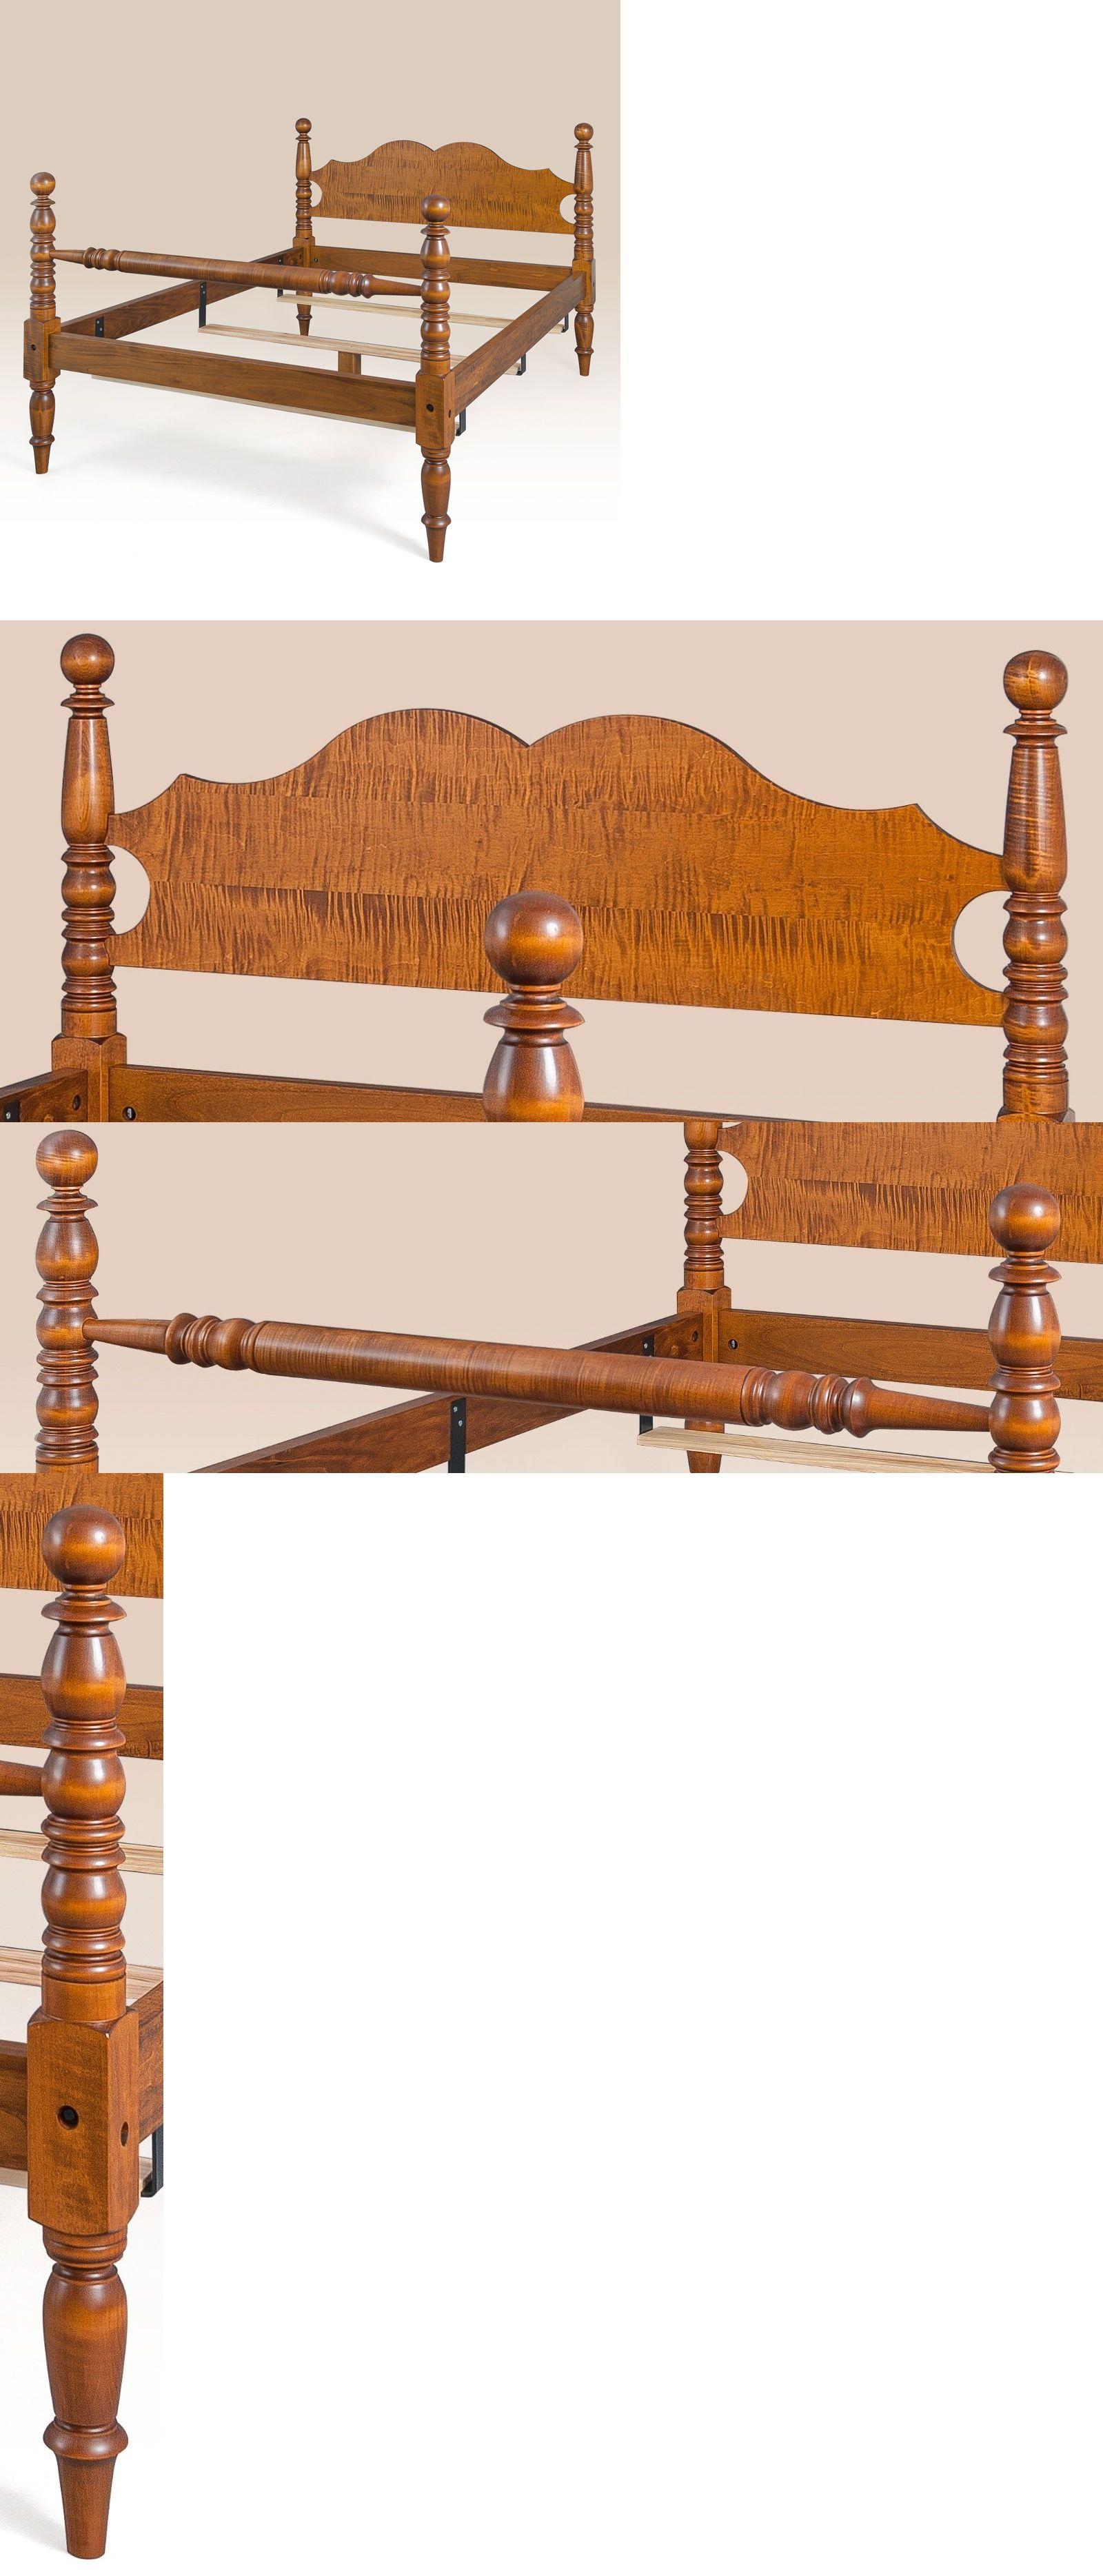 Beds and Bedroom Sets 63549: King Bed Frame Tiger Maple Wood ...